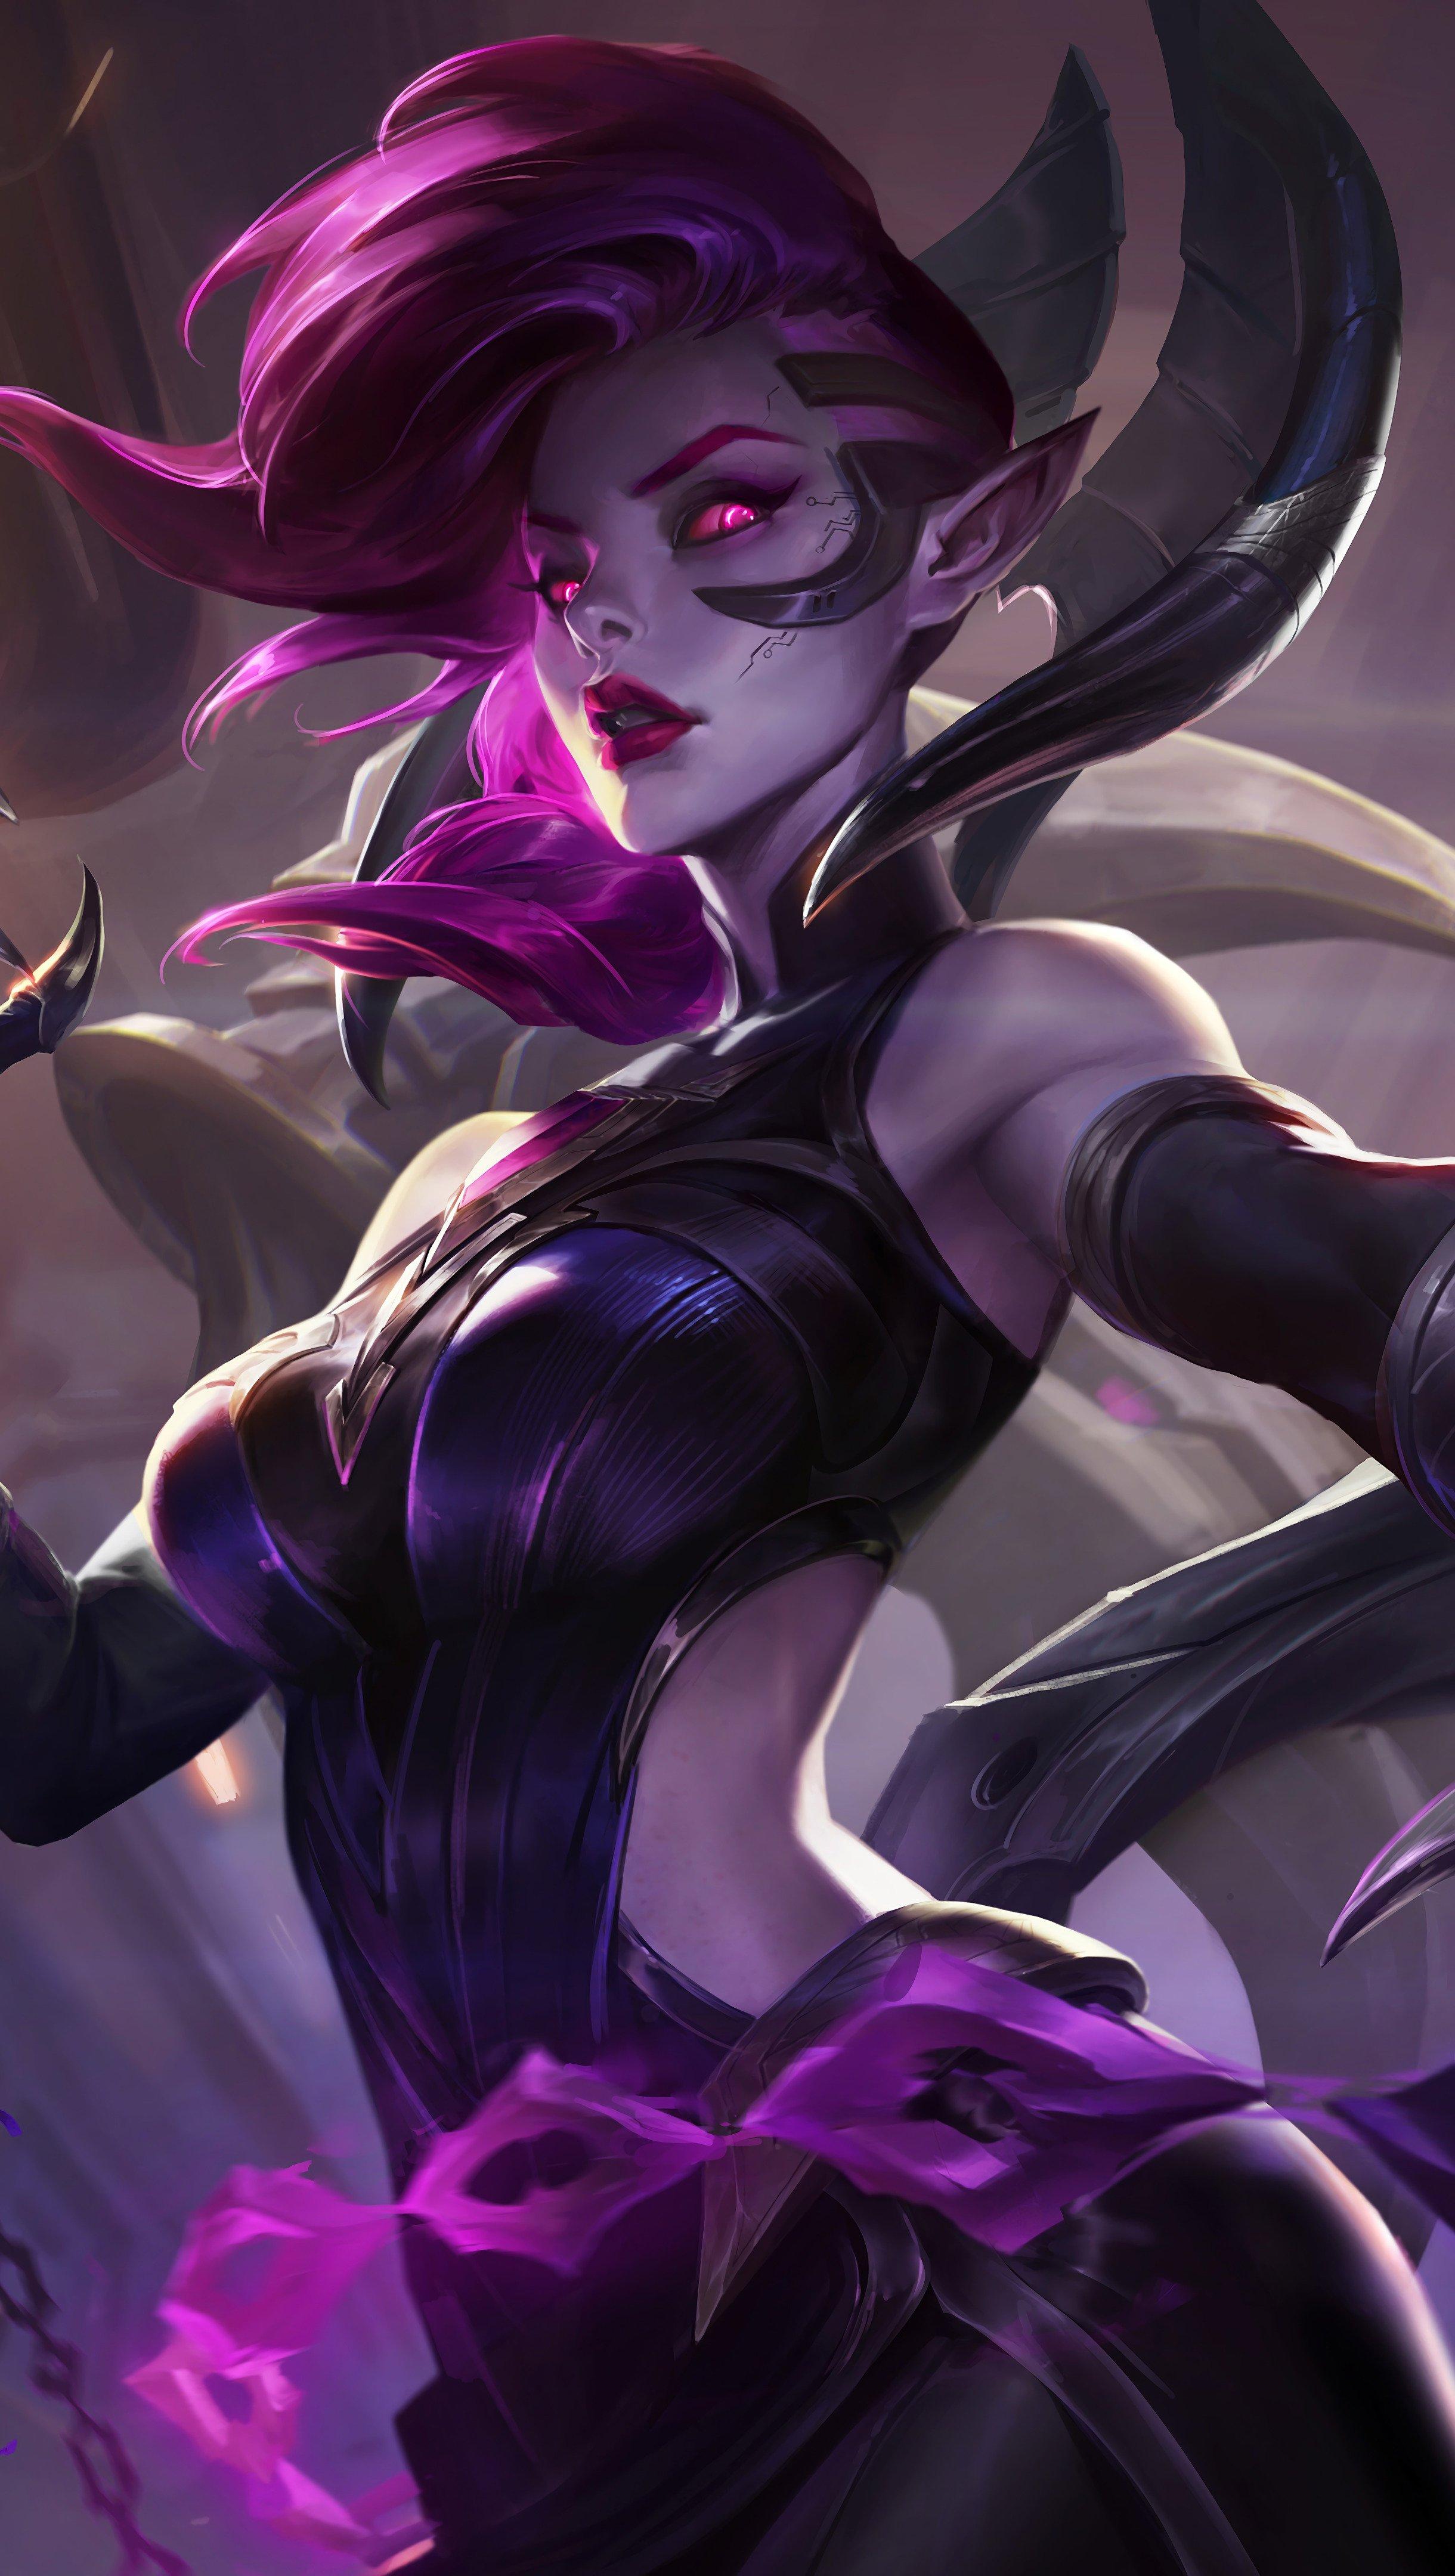 Fondos de pantalla Blade Mistress Morgana League of Legends Vertical